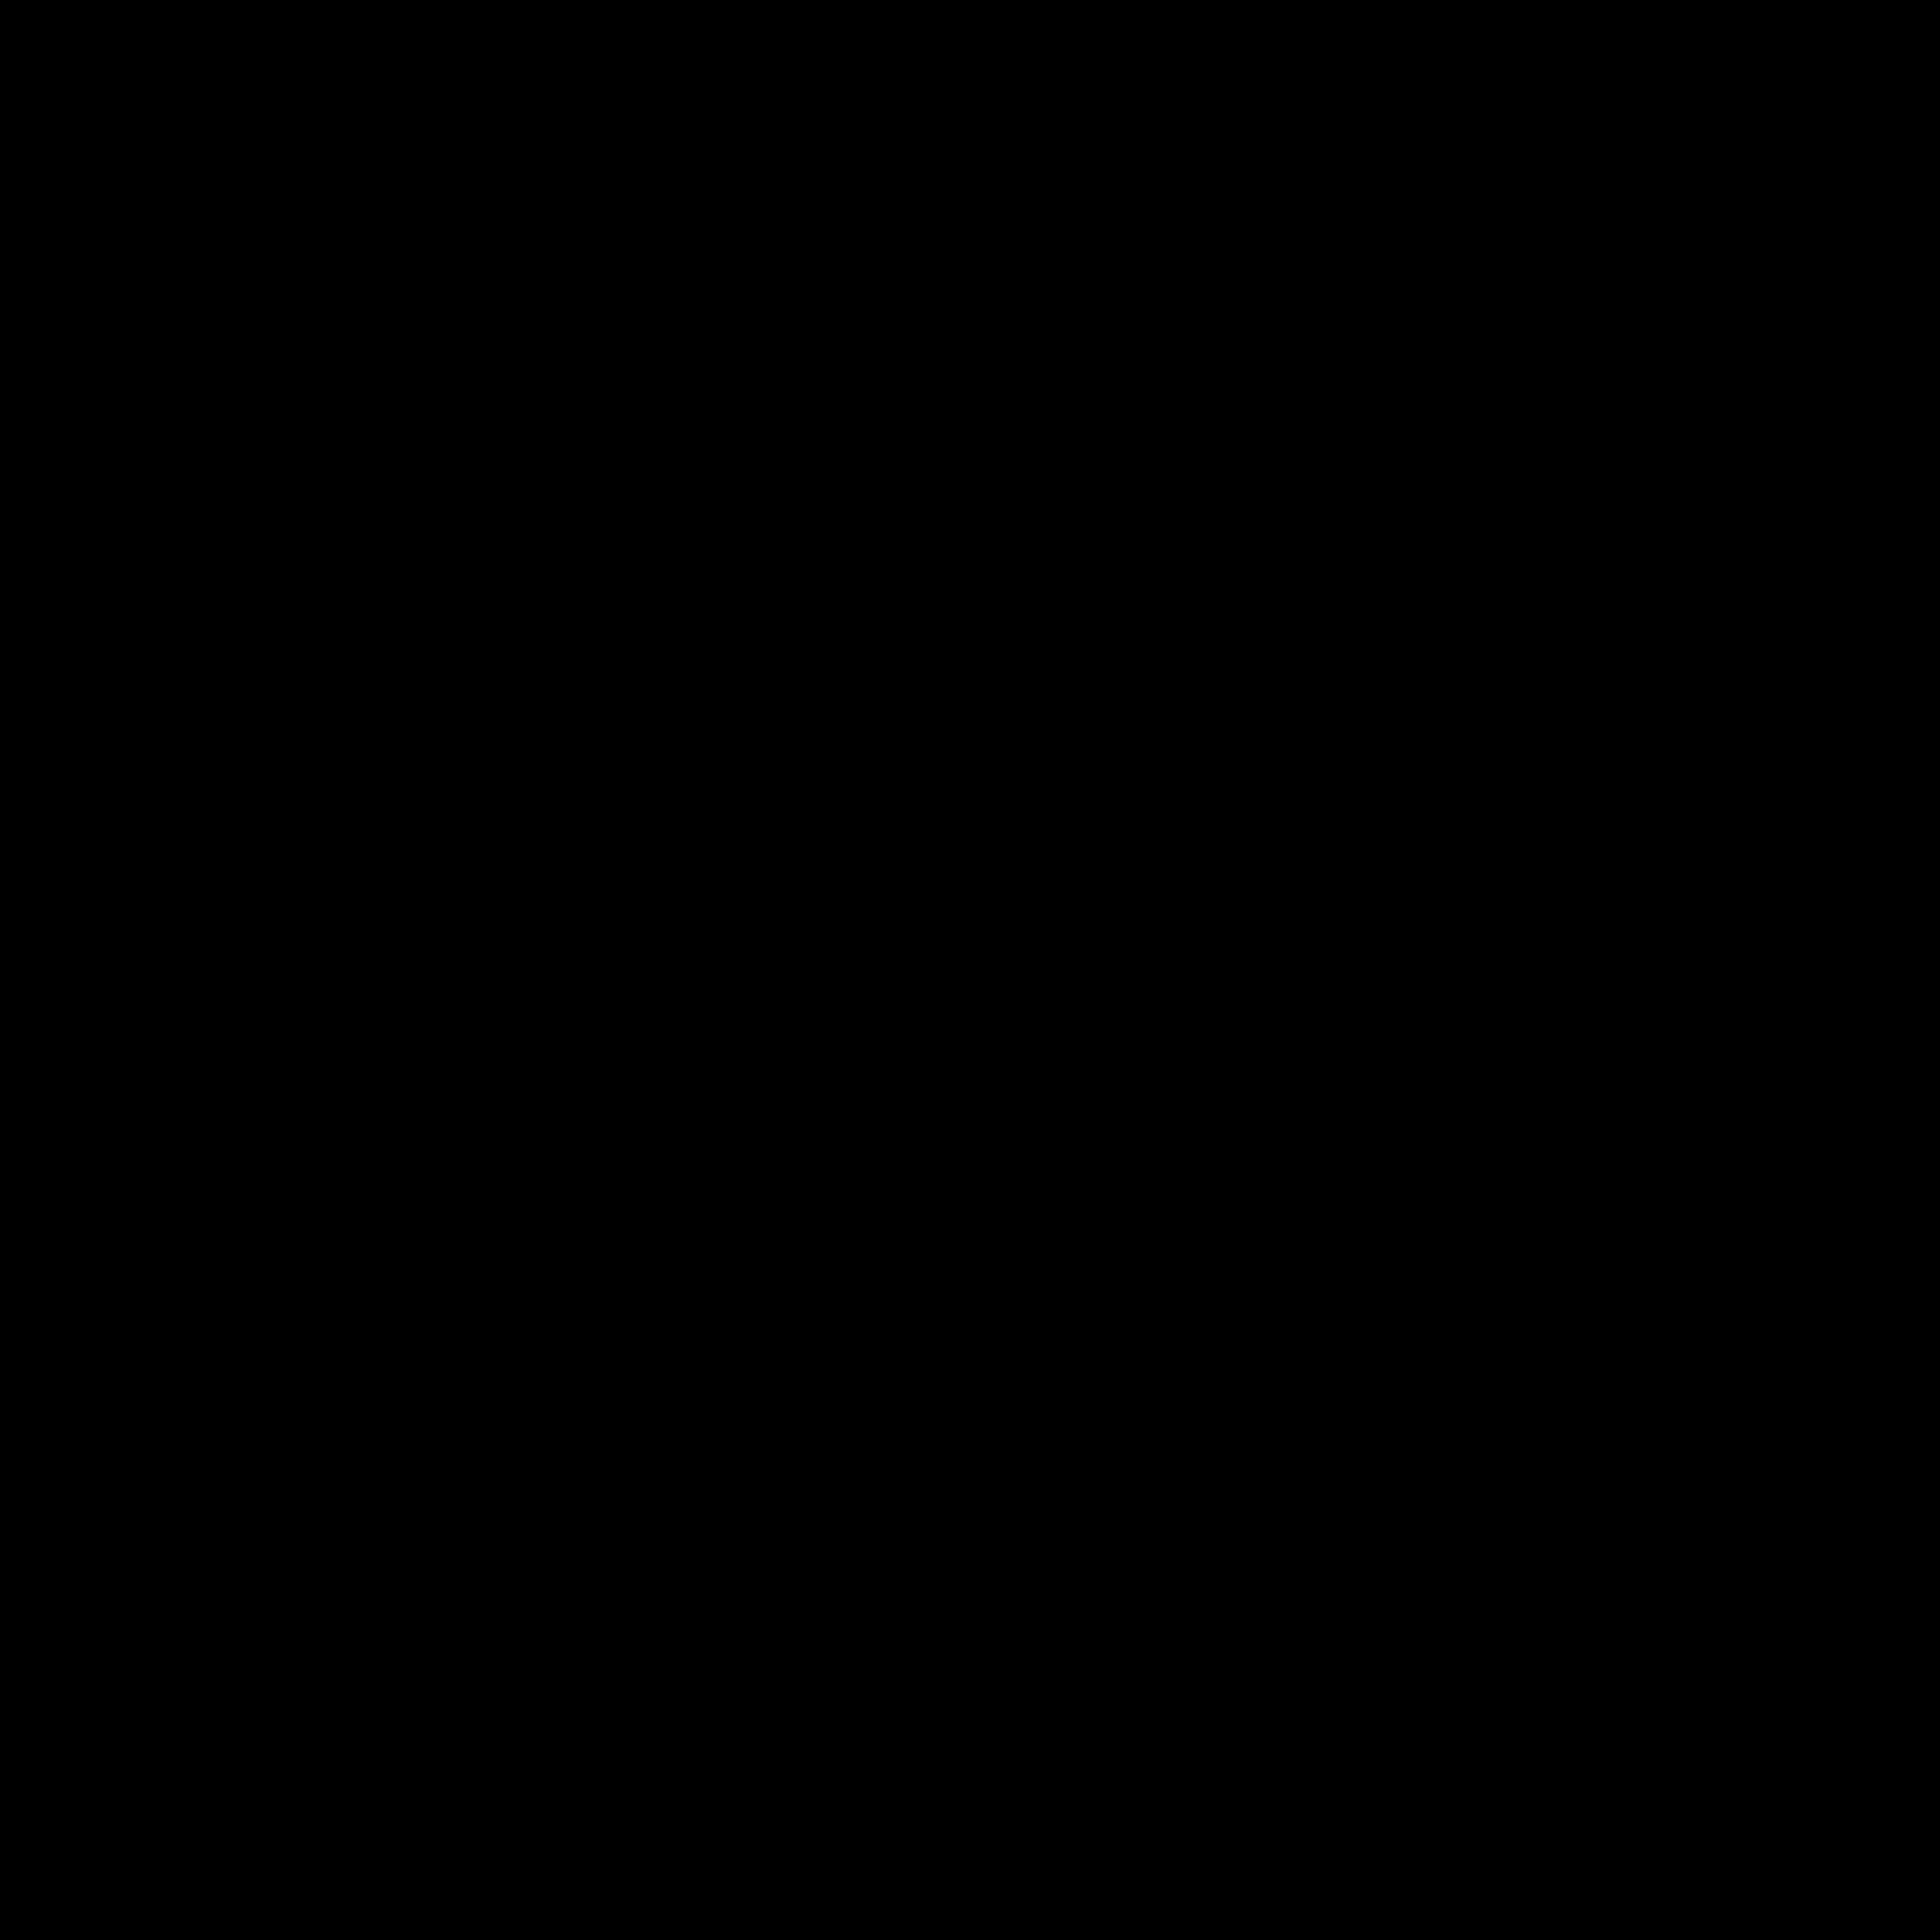 LVM Versicherung Christian Barth - Versicherungsagentur